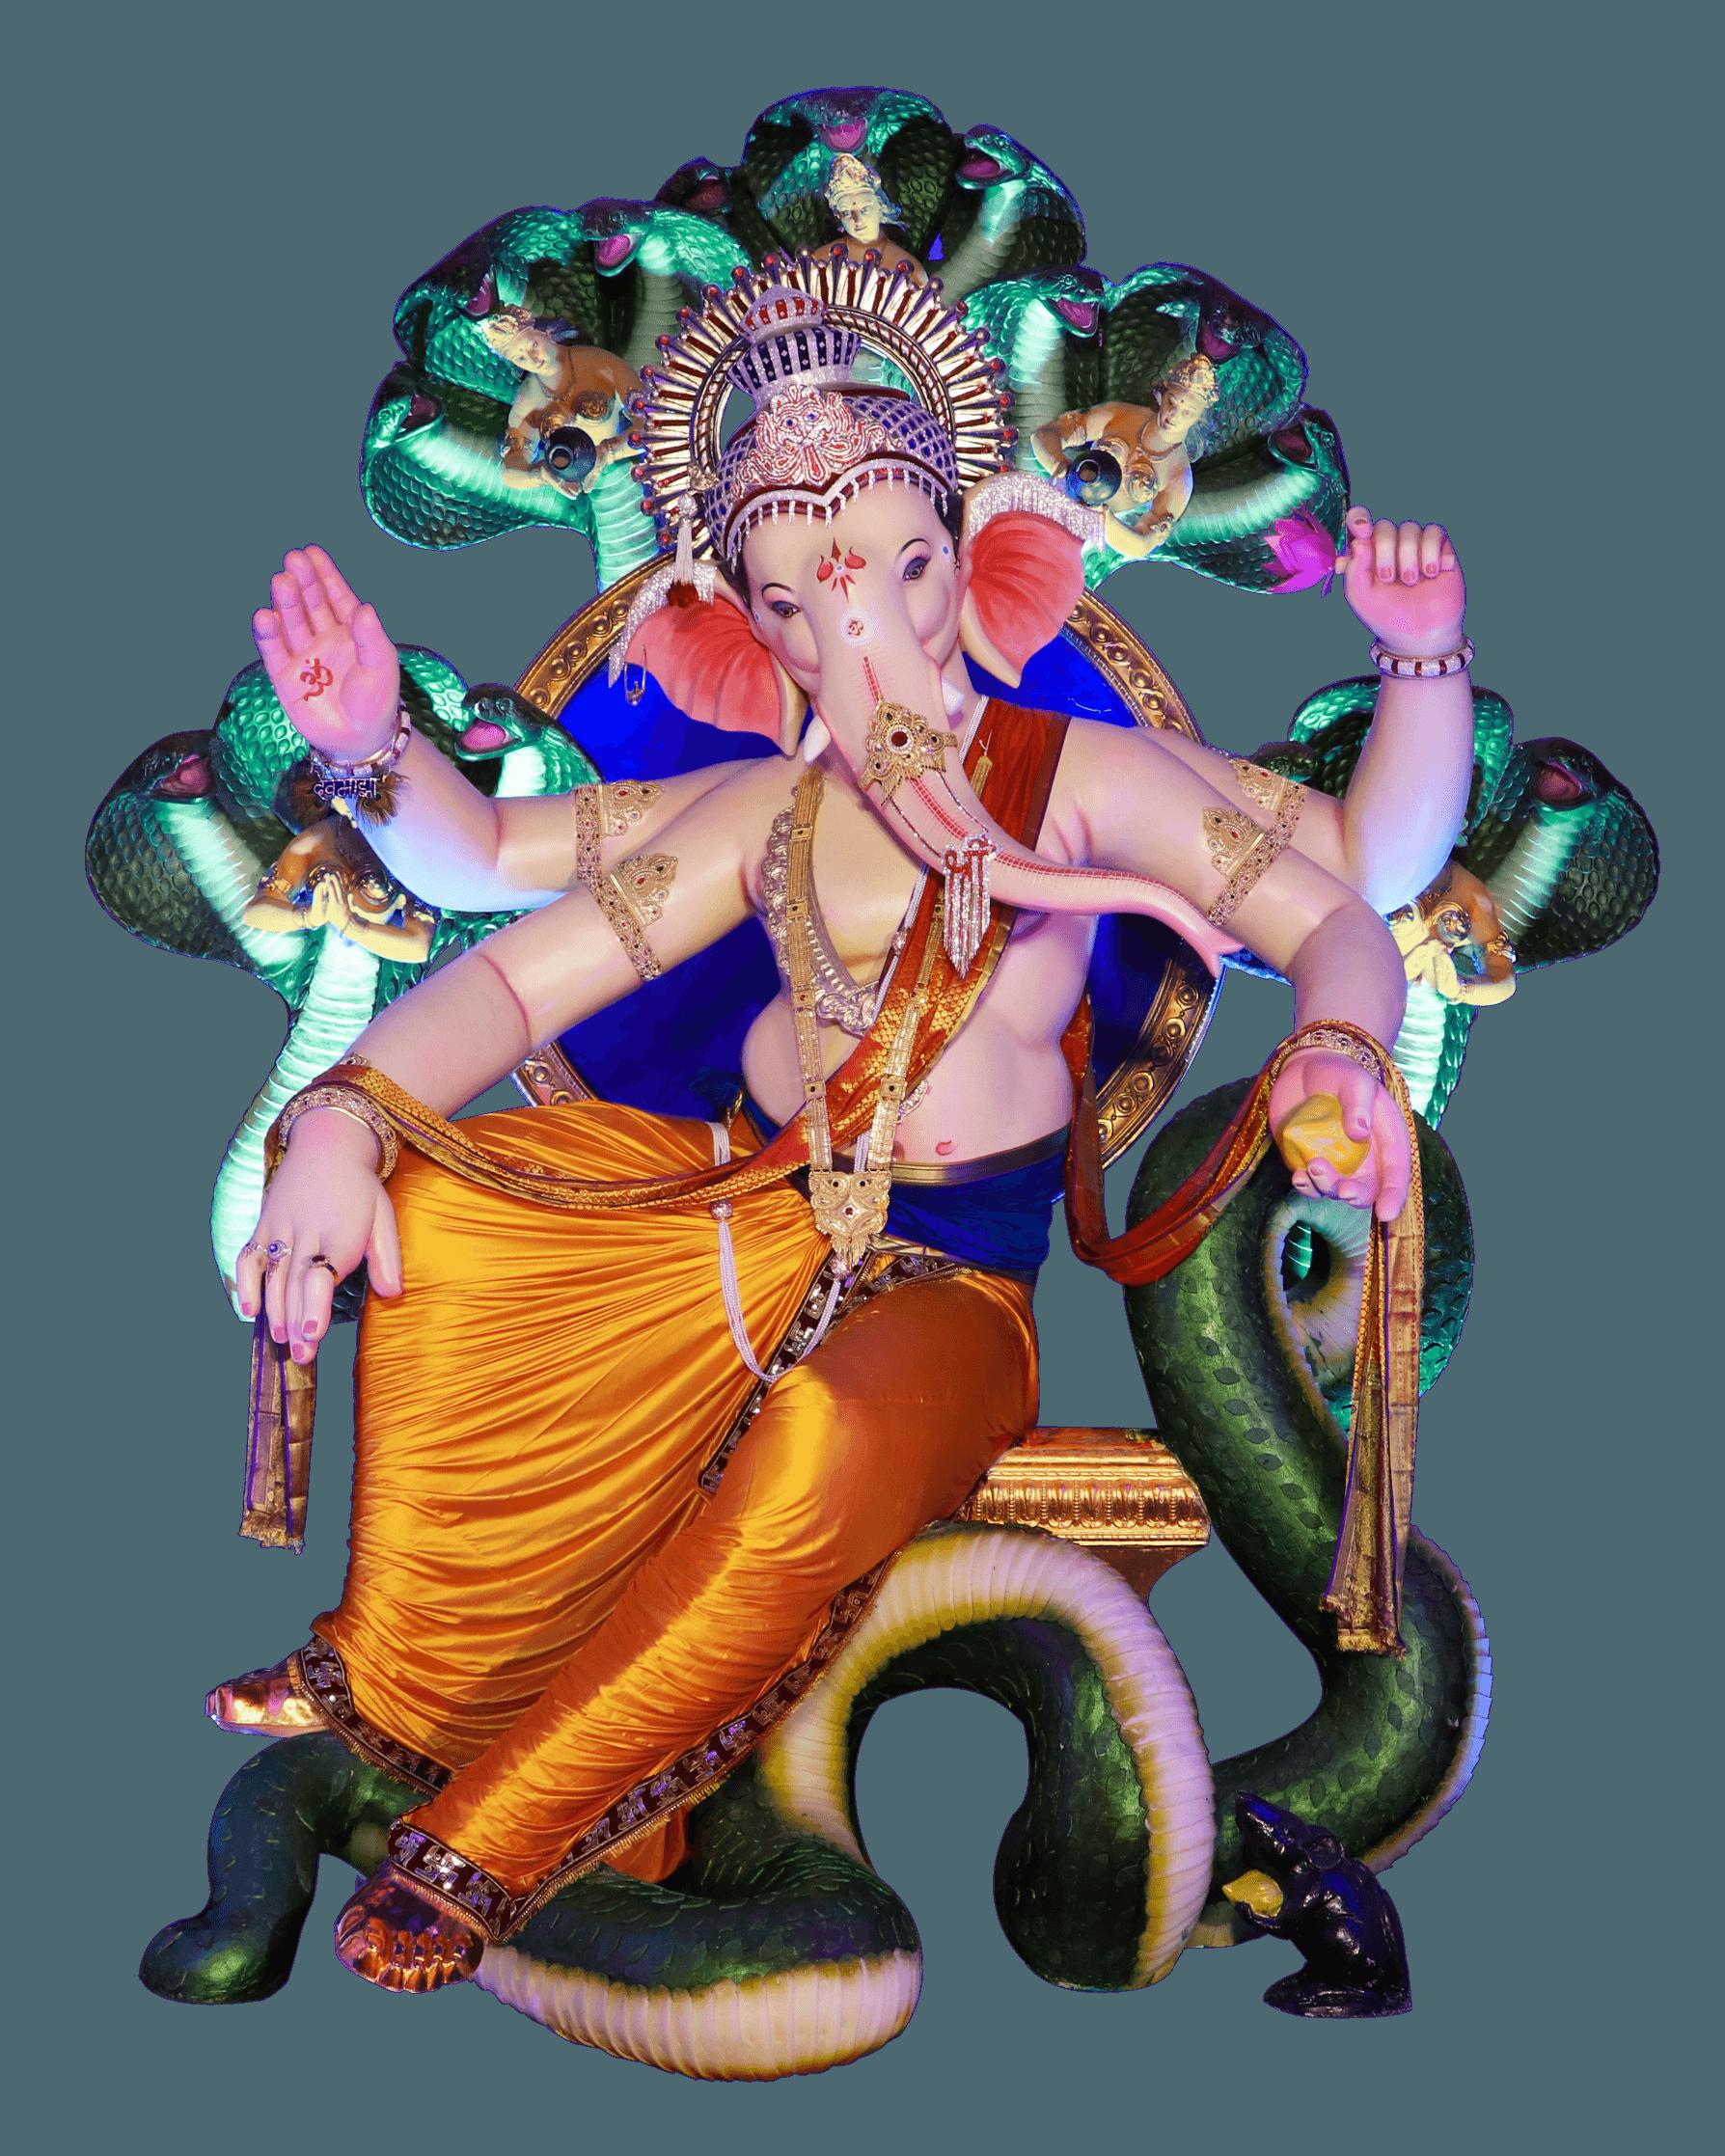 Ganesh Utsav 2019: Everything You Need To Know About Umerkhadi Ganpati